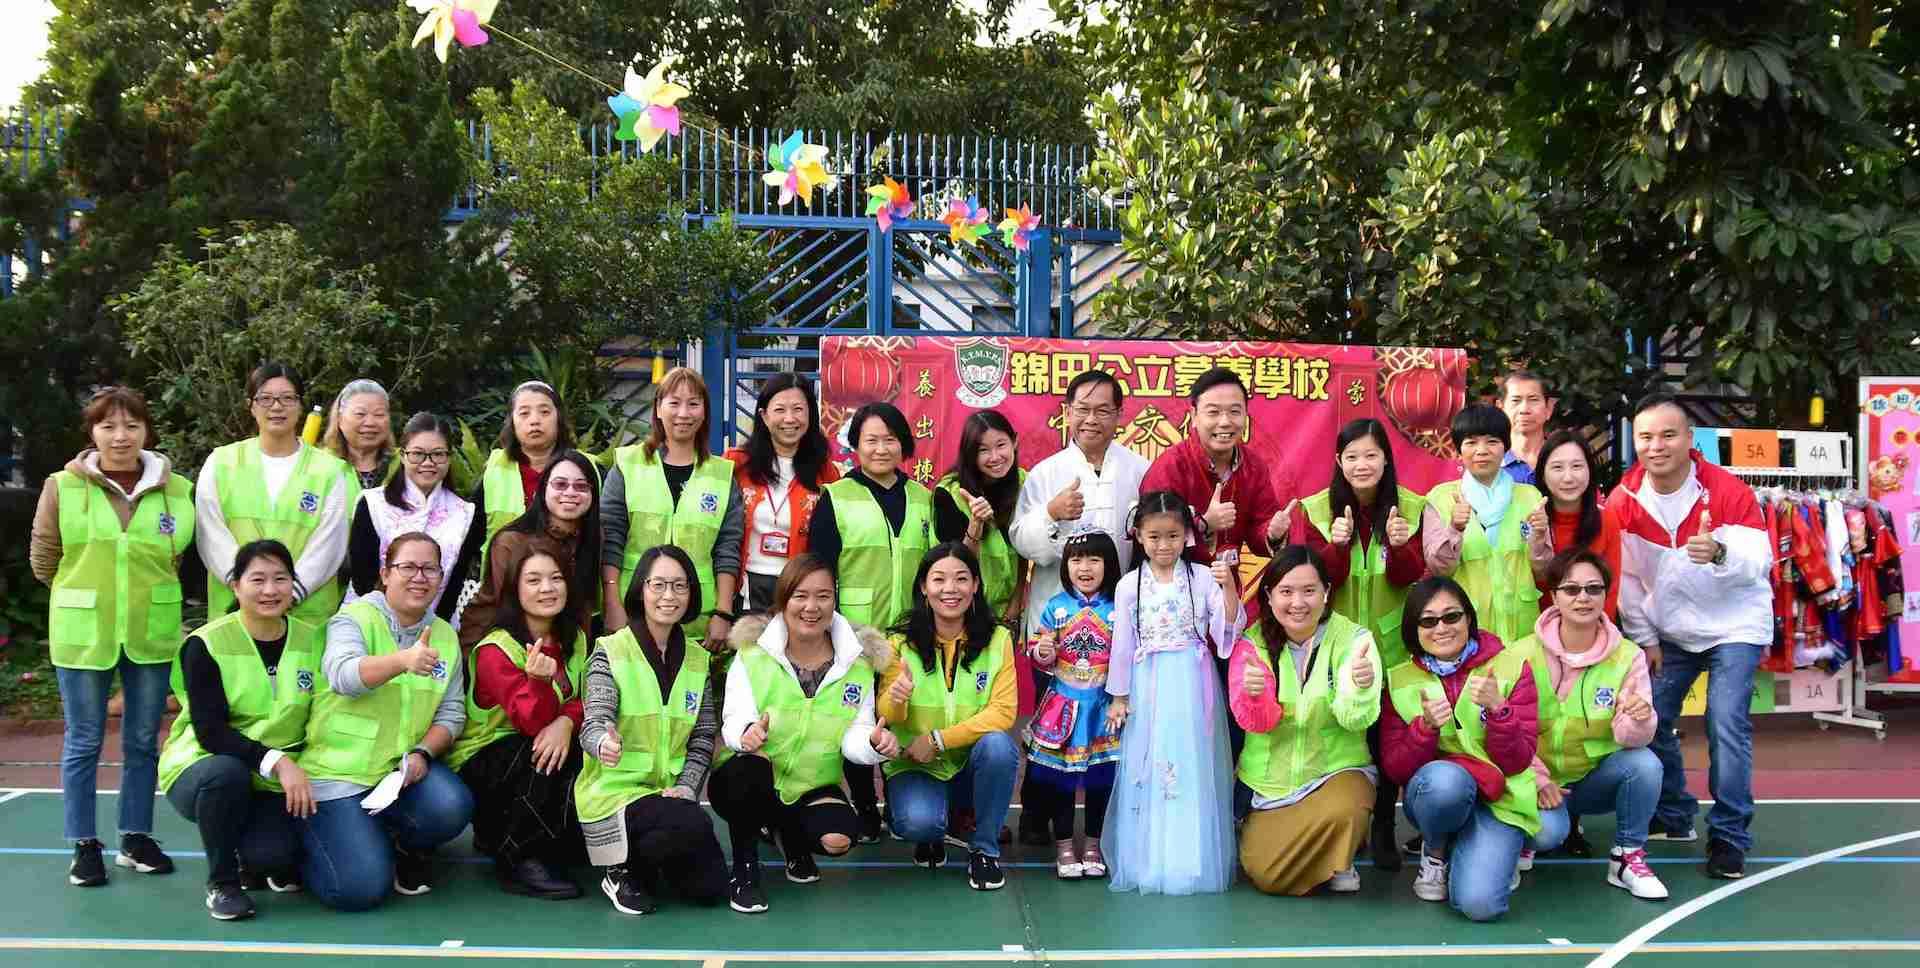 家長義工鼎力支持,讓「中華文化日」得以順利圓滿舉行。